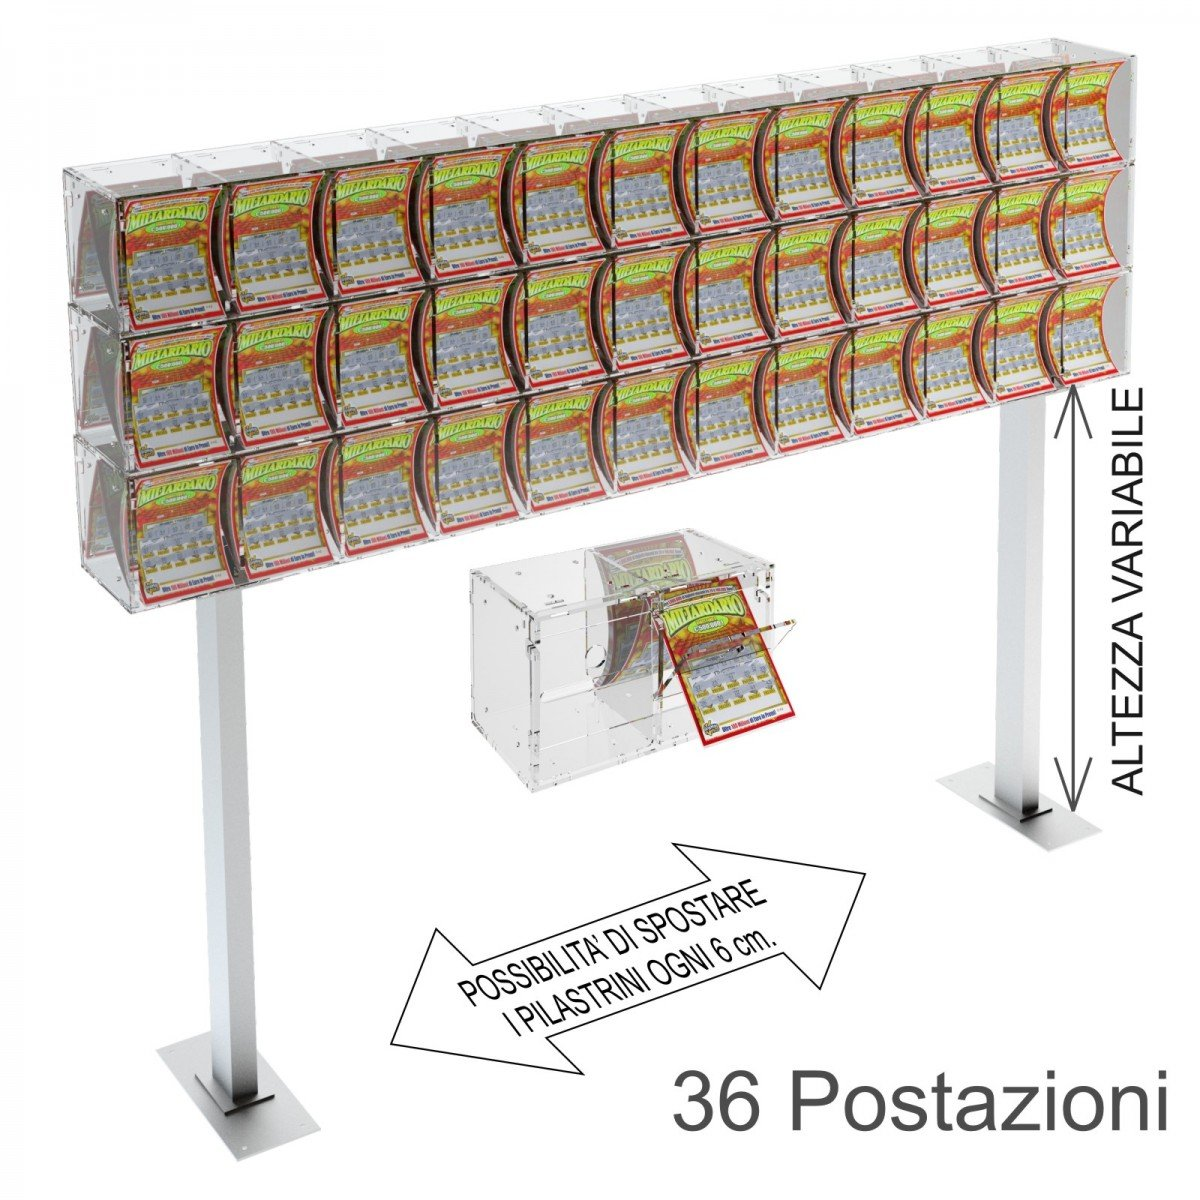 Espositore gratta e vinci da banco in plexiglass trasparente a 36 contenitori munito di sportellino frontale lato rivenditore